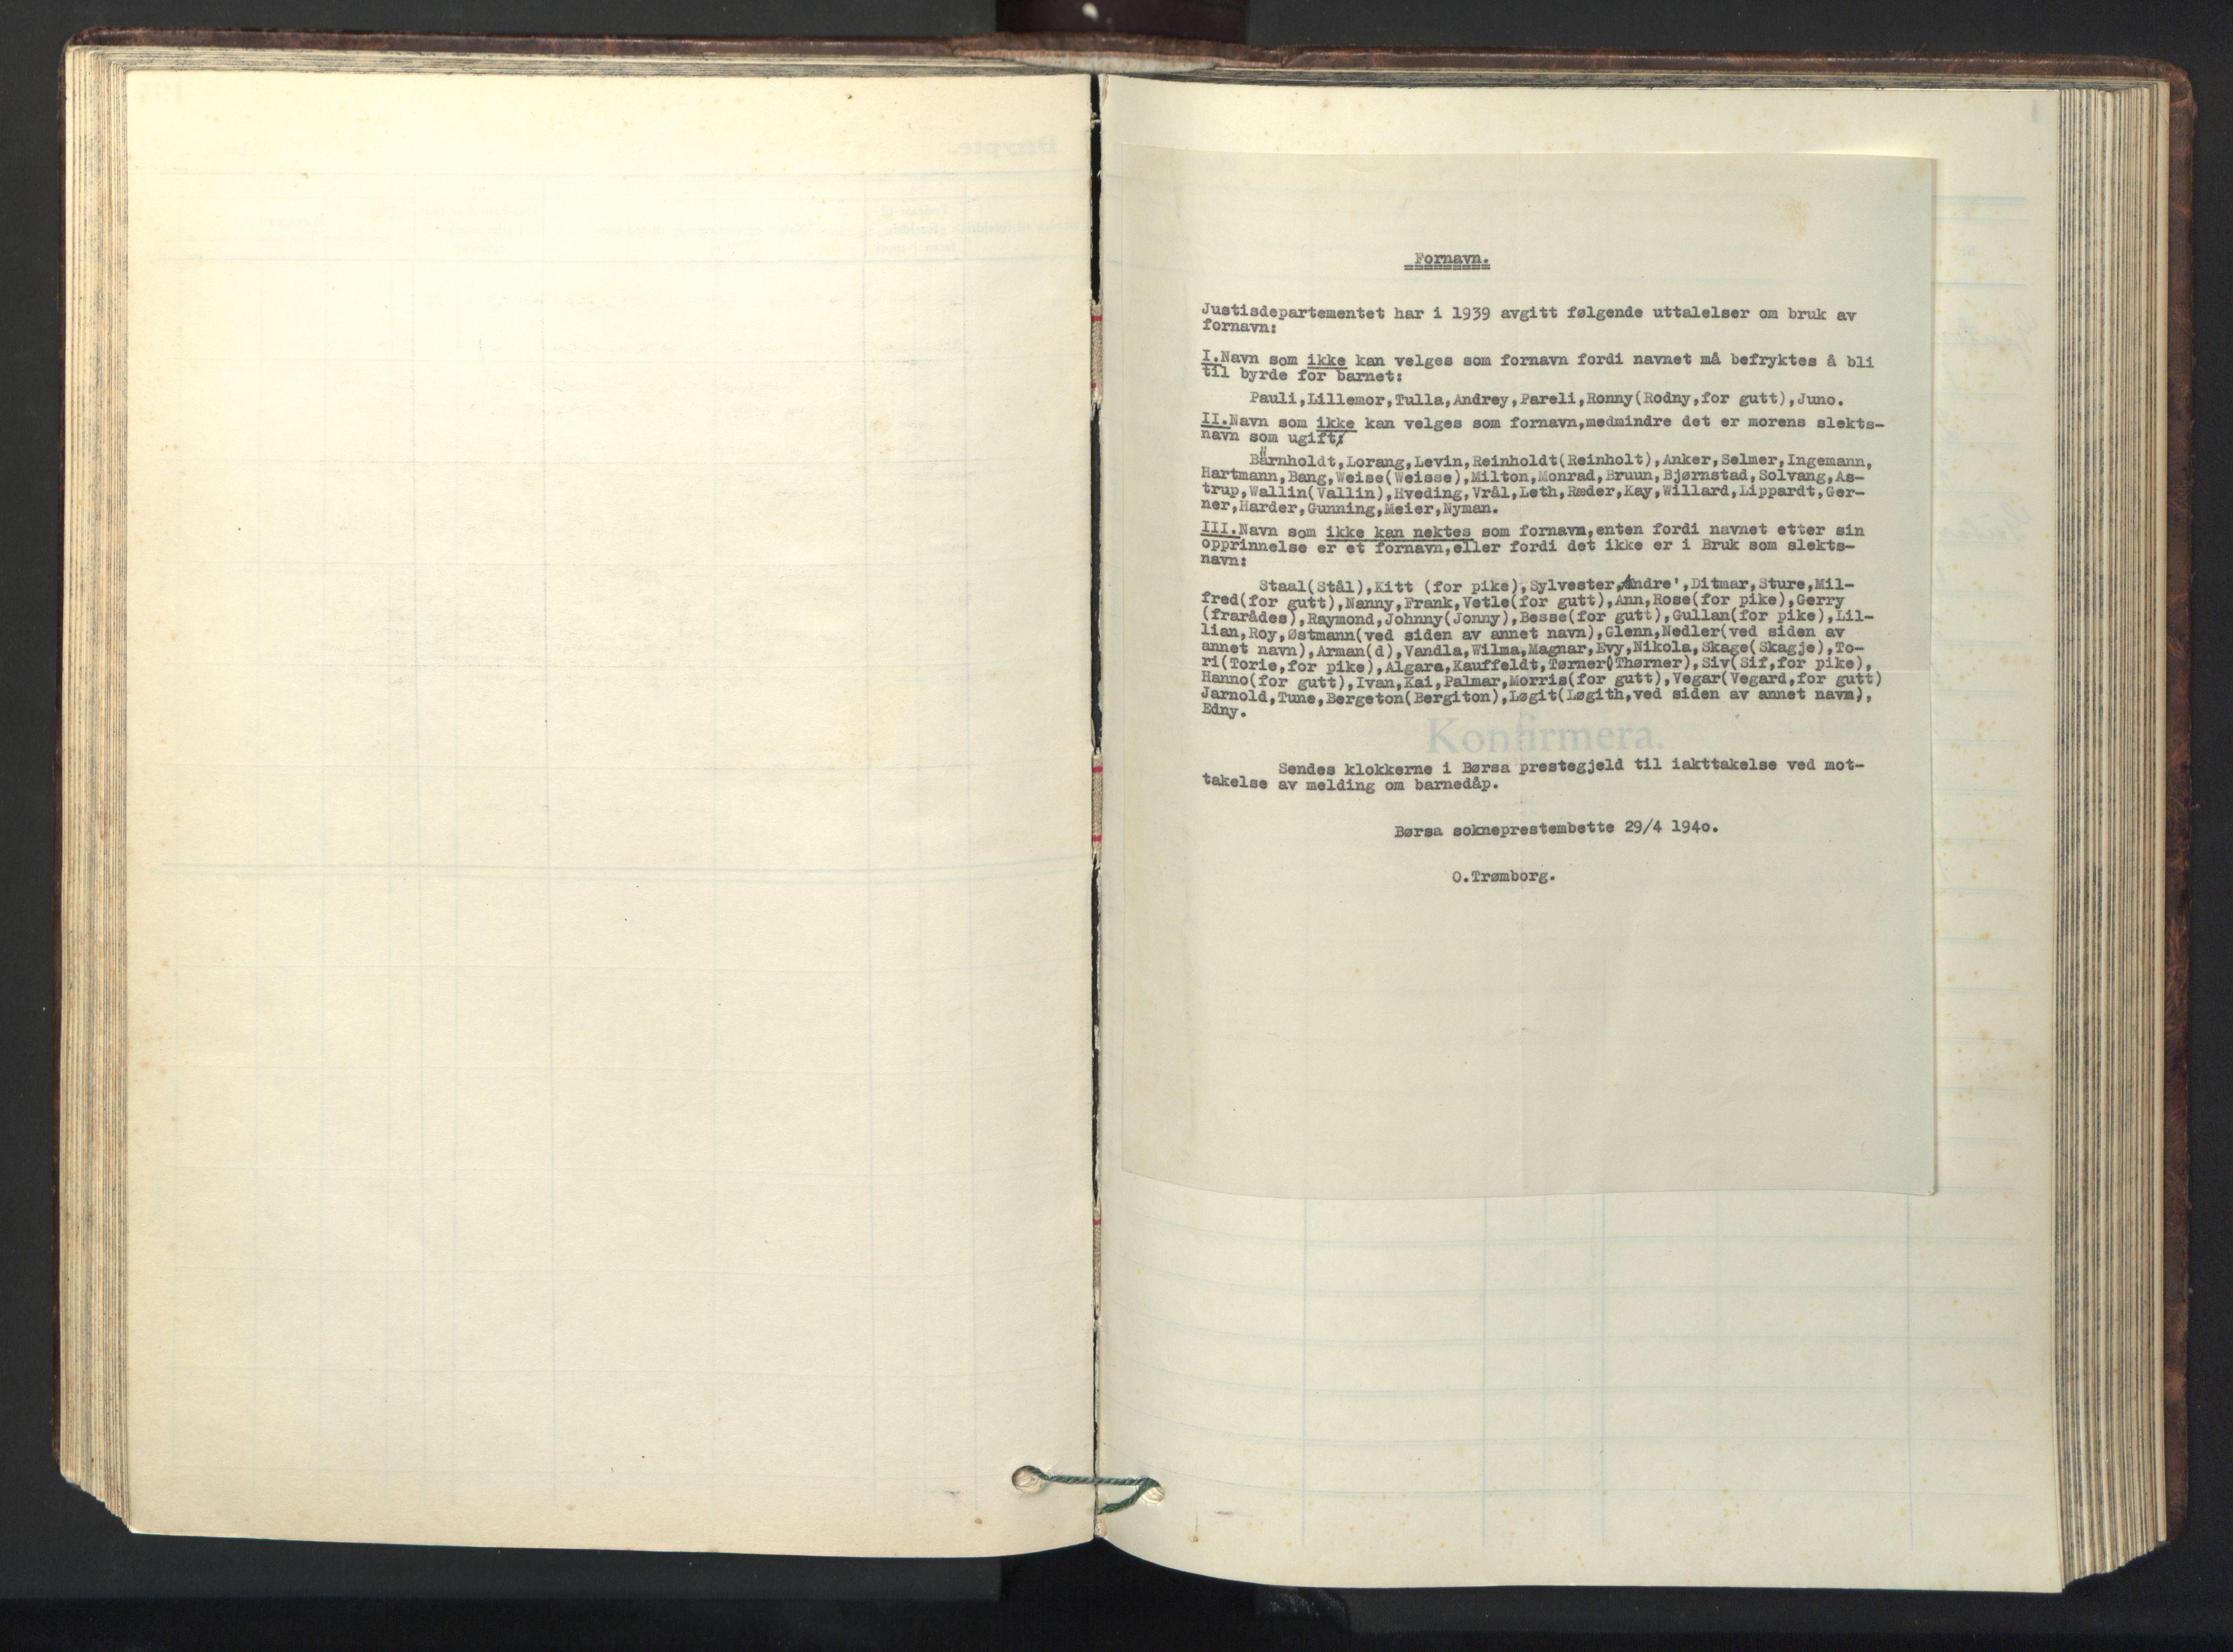 SAT, Ministerialprotokoller, klokkerbøker og fødselsregistre - Sør-Trøndelag, 667/L0799: Klokkerbok nr. 667C04, 1929-1950, s. 104